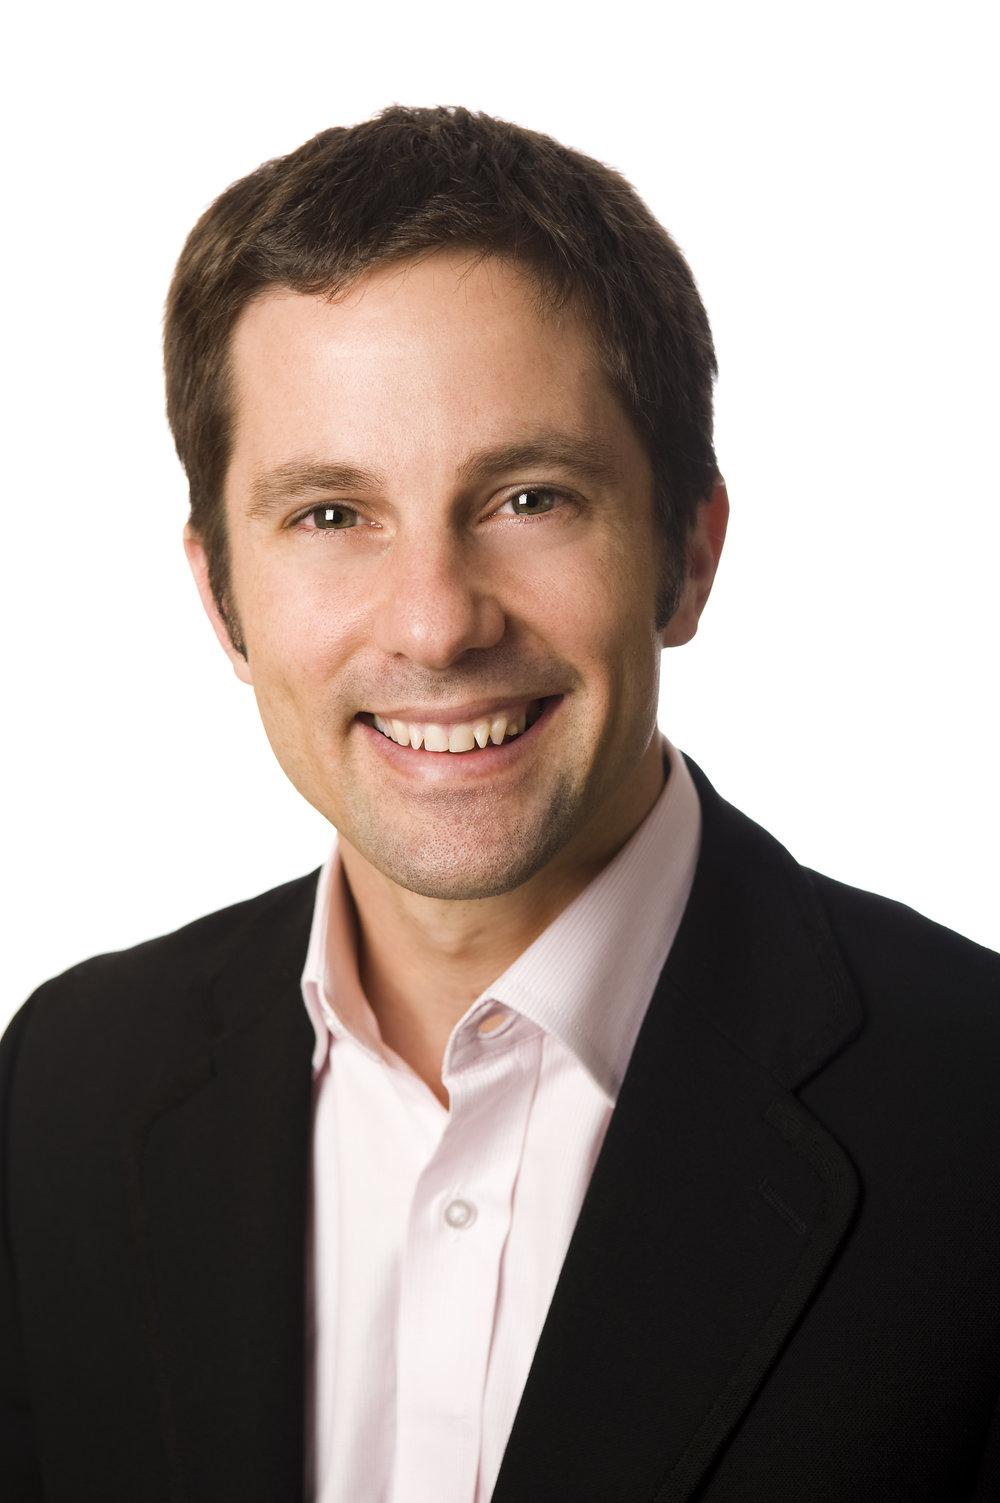 ジャスティン・リー / Justin LIE  キャッシュシールド CEO / Cash Shield (CEO)